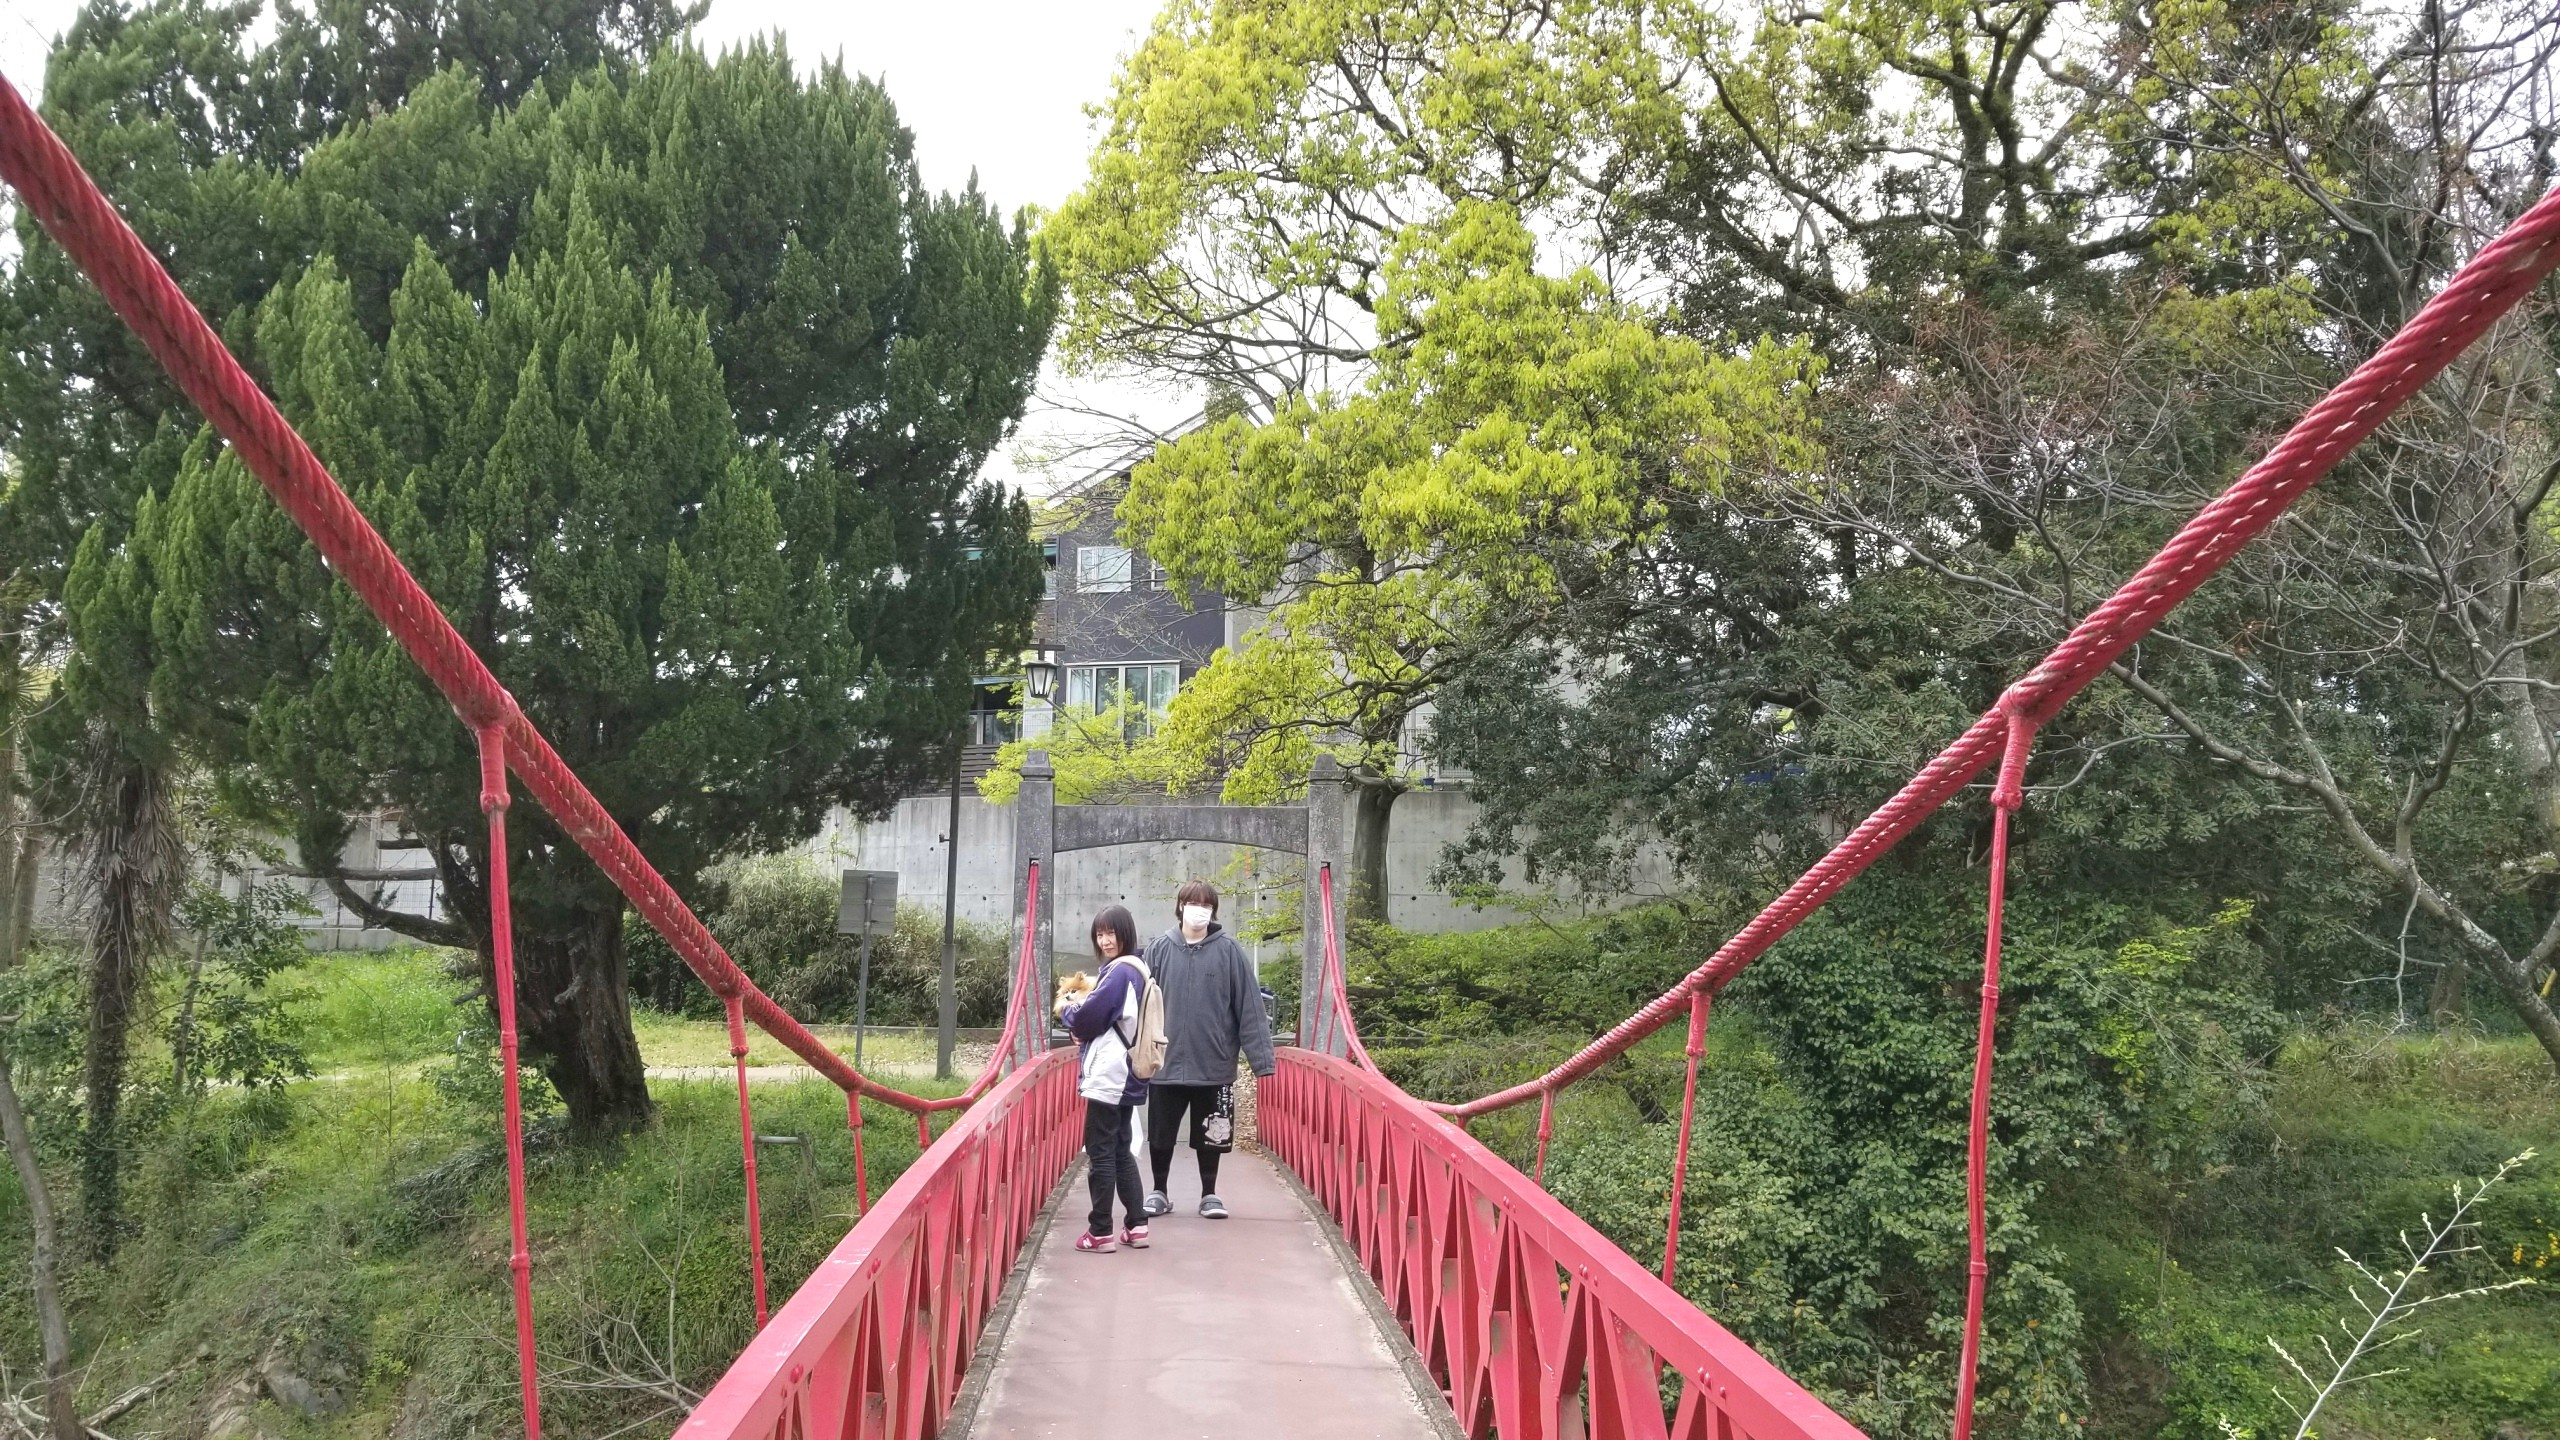 お花見どころ,おすすめスポット,ペット散歩桜並木おばいとこブログ